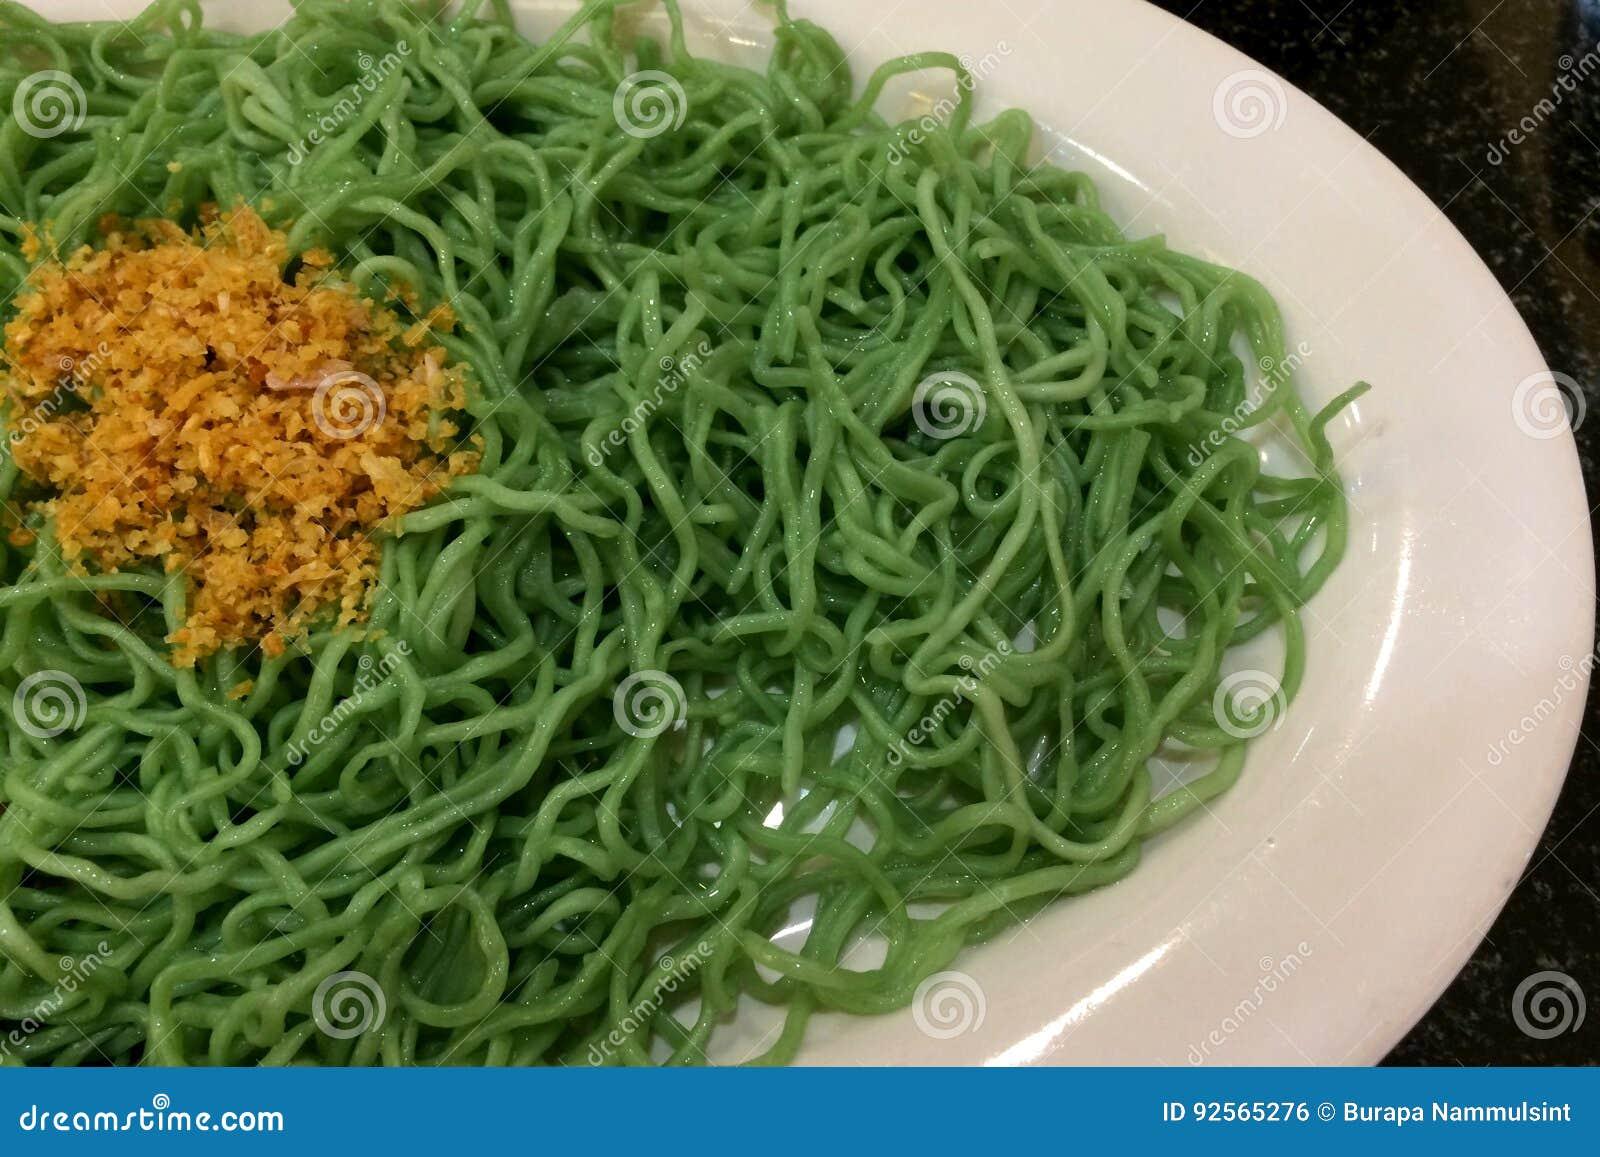 Tagliatella verde con aglio fritto